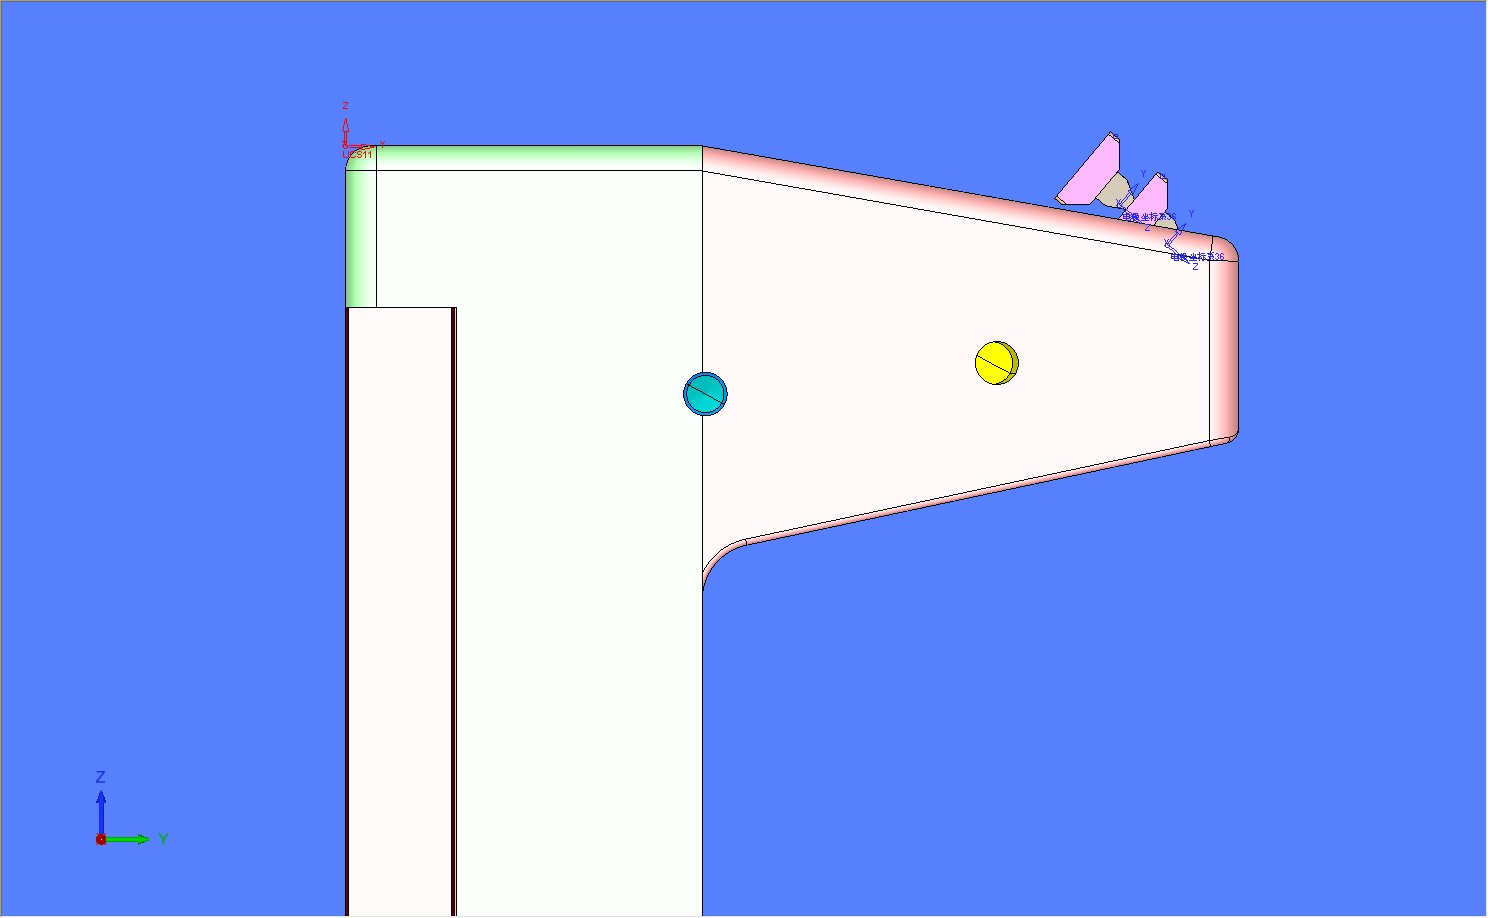 2.侧向放电 斜向放电.jpg